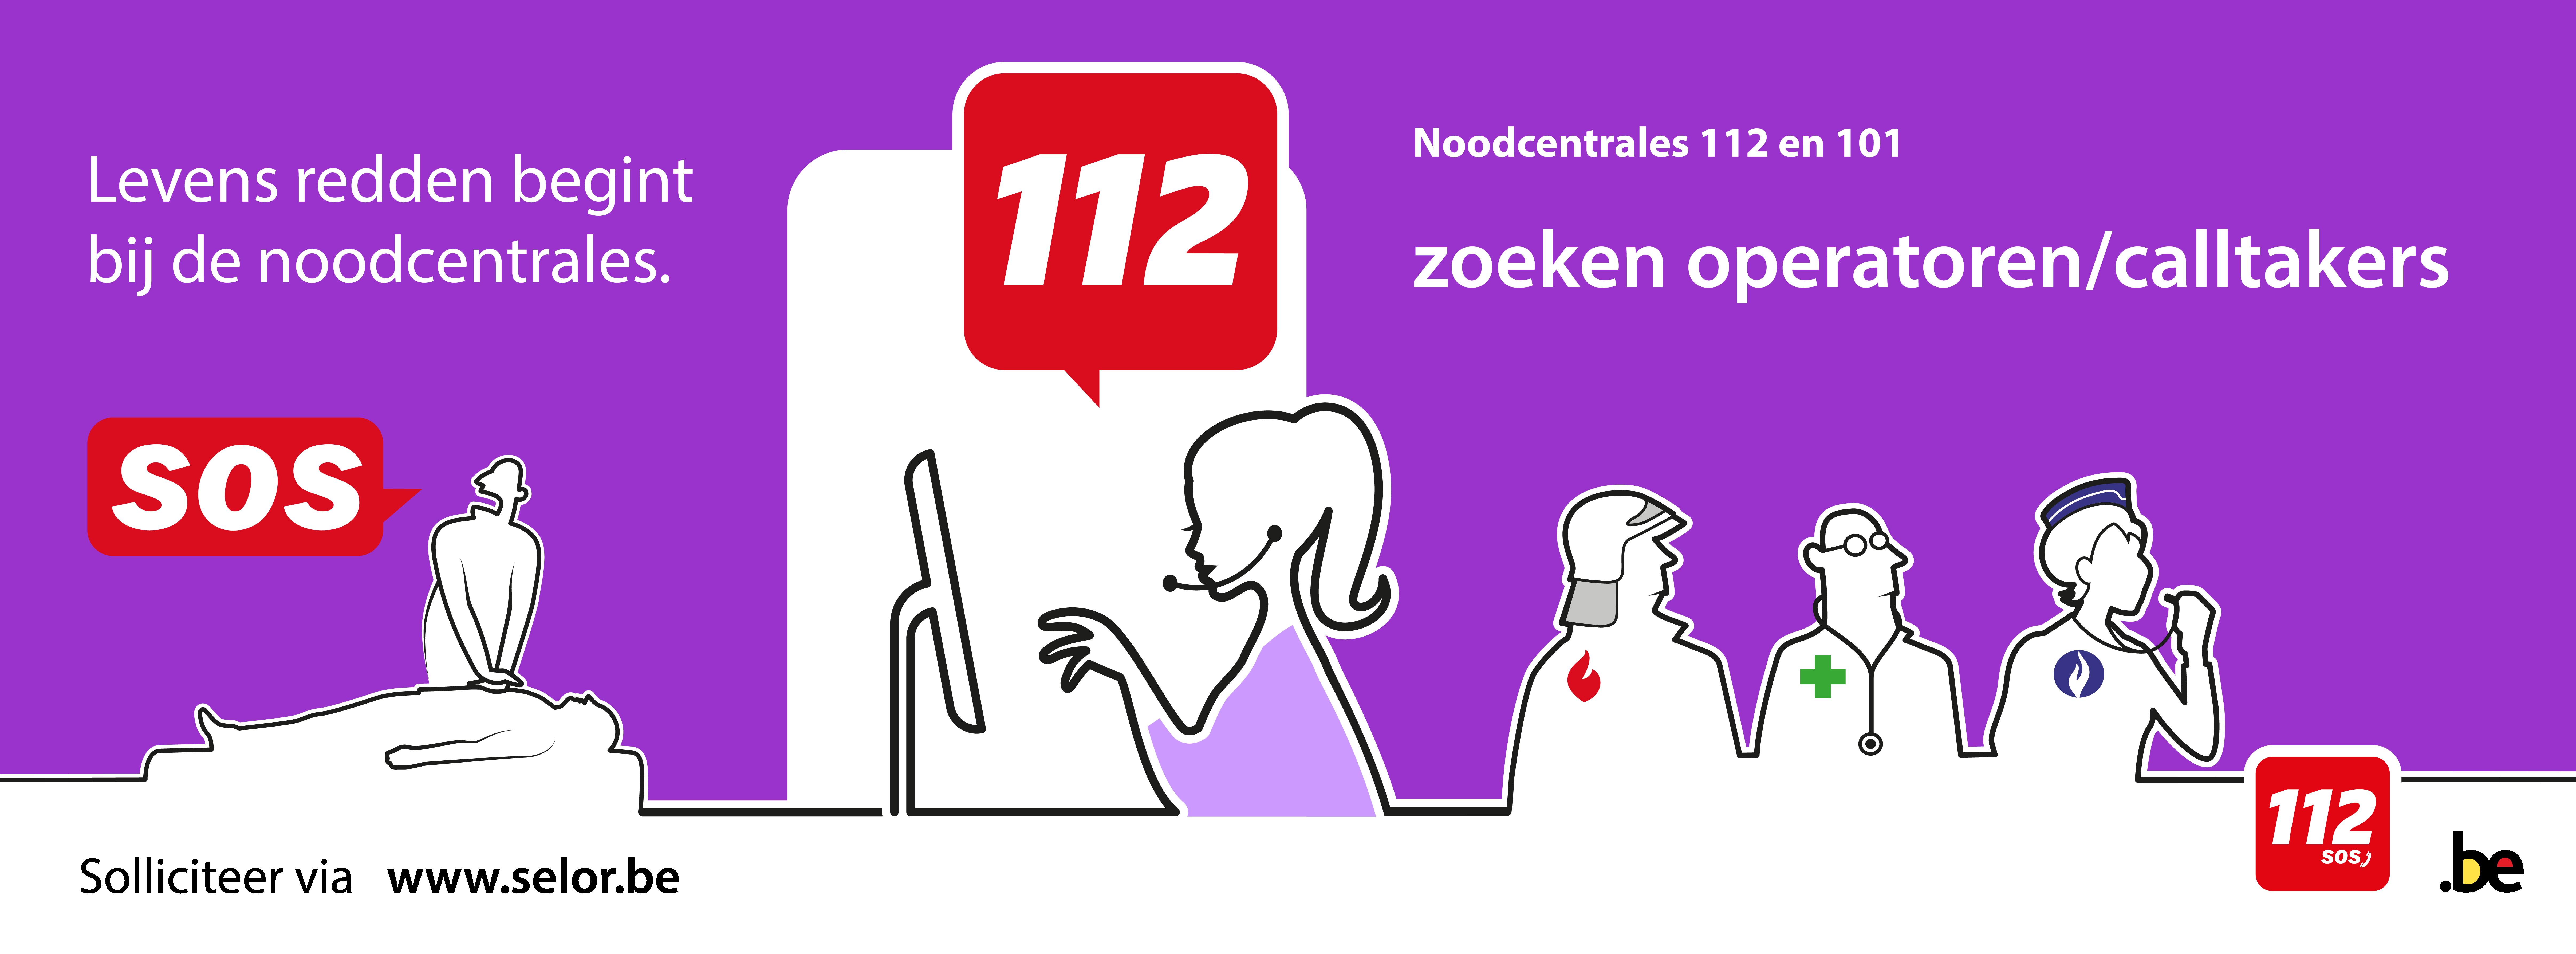 Noodcentrales 112 en 101 zoeken operatoren/calltakers